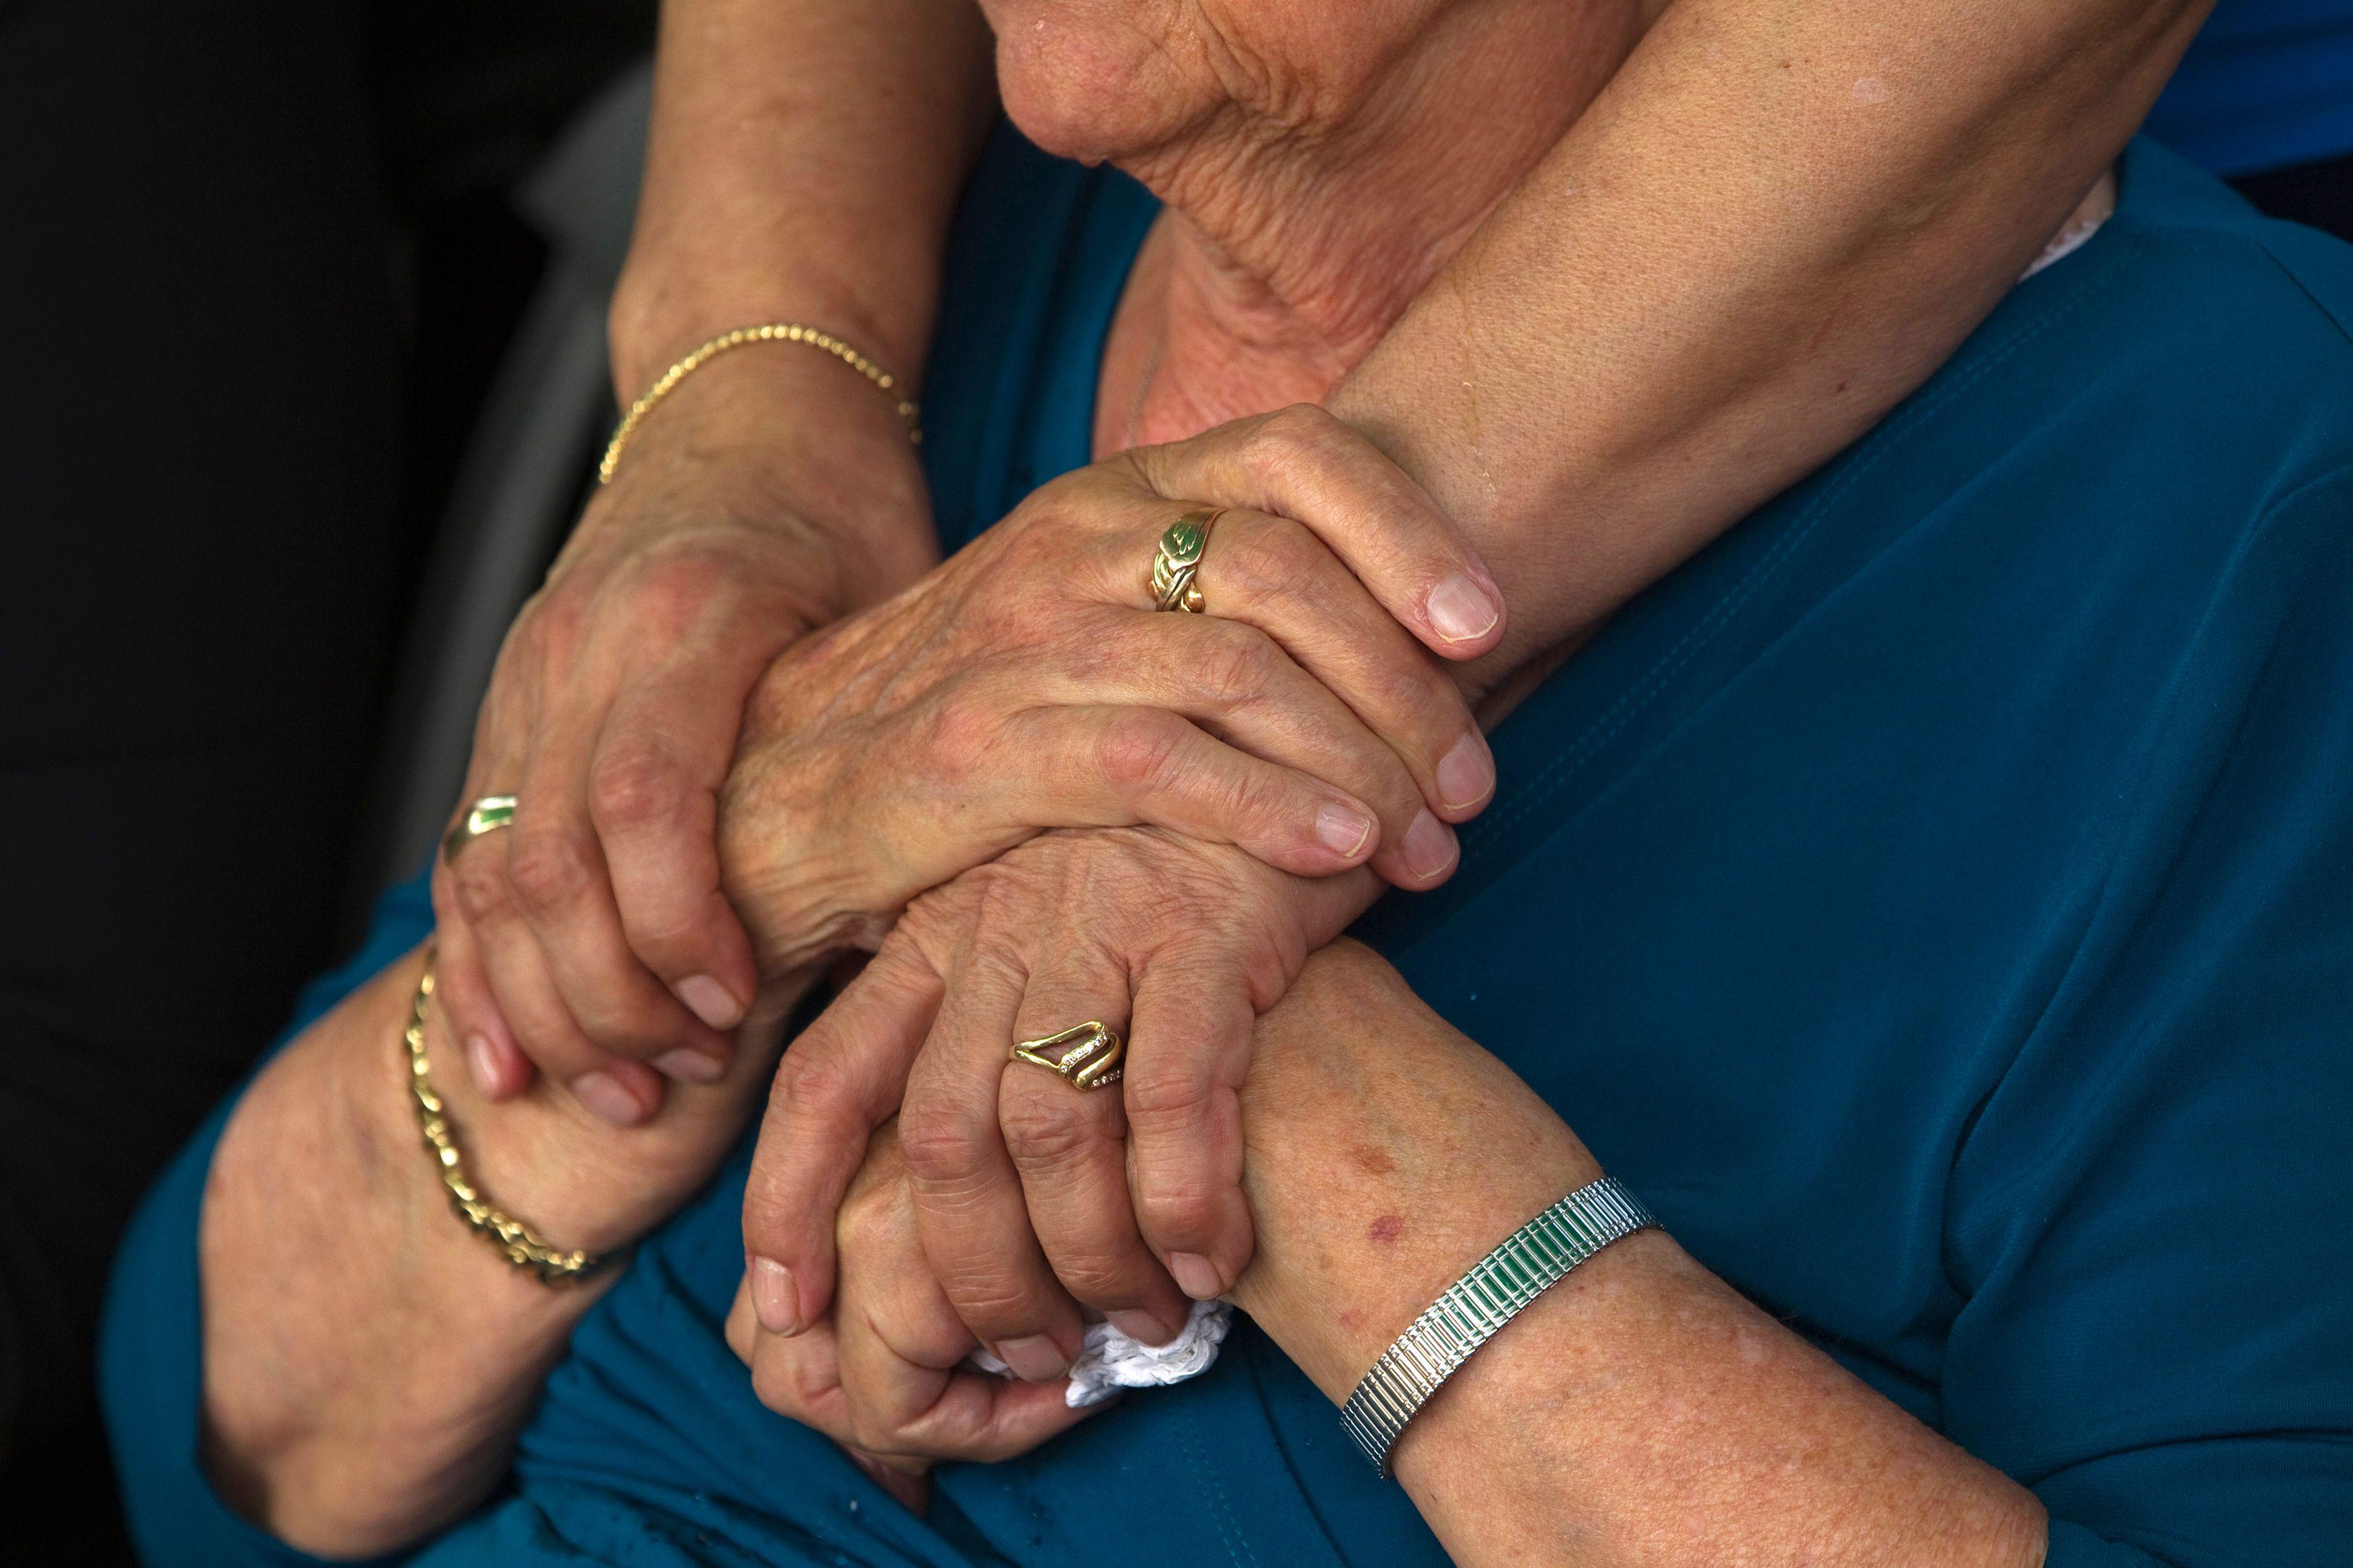 Pourquoi il vaut mieux éviter de promettre à ses proches qu'on ne les placera jamais en maison de retraite